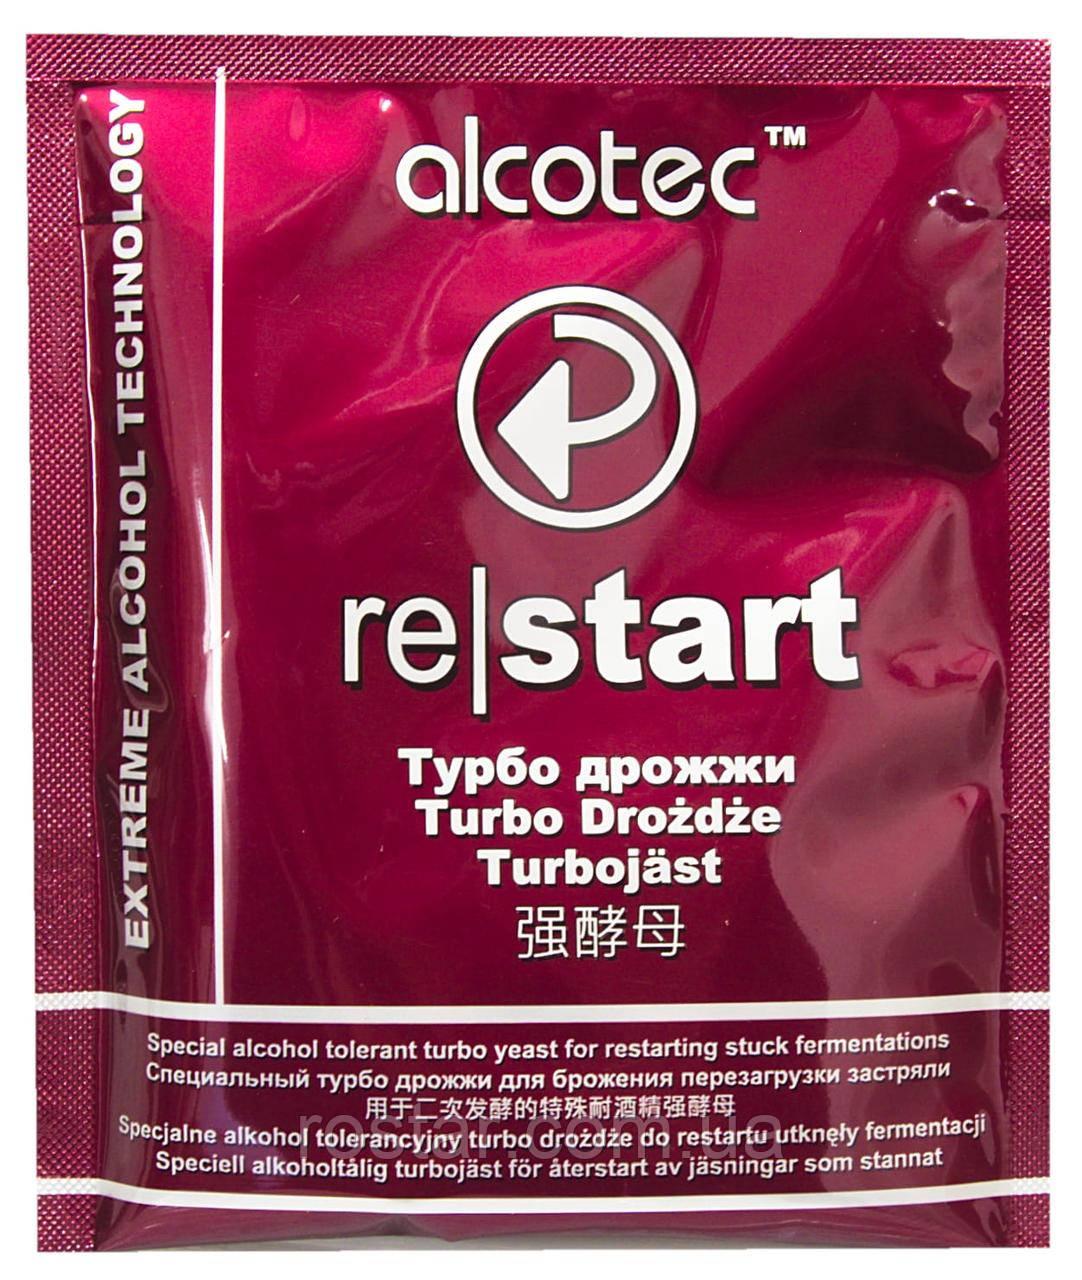 Дріжджі Турбо Alcotec Restart (49г) для перезапуску сусла, яке передчасно перестало працювати